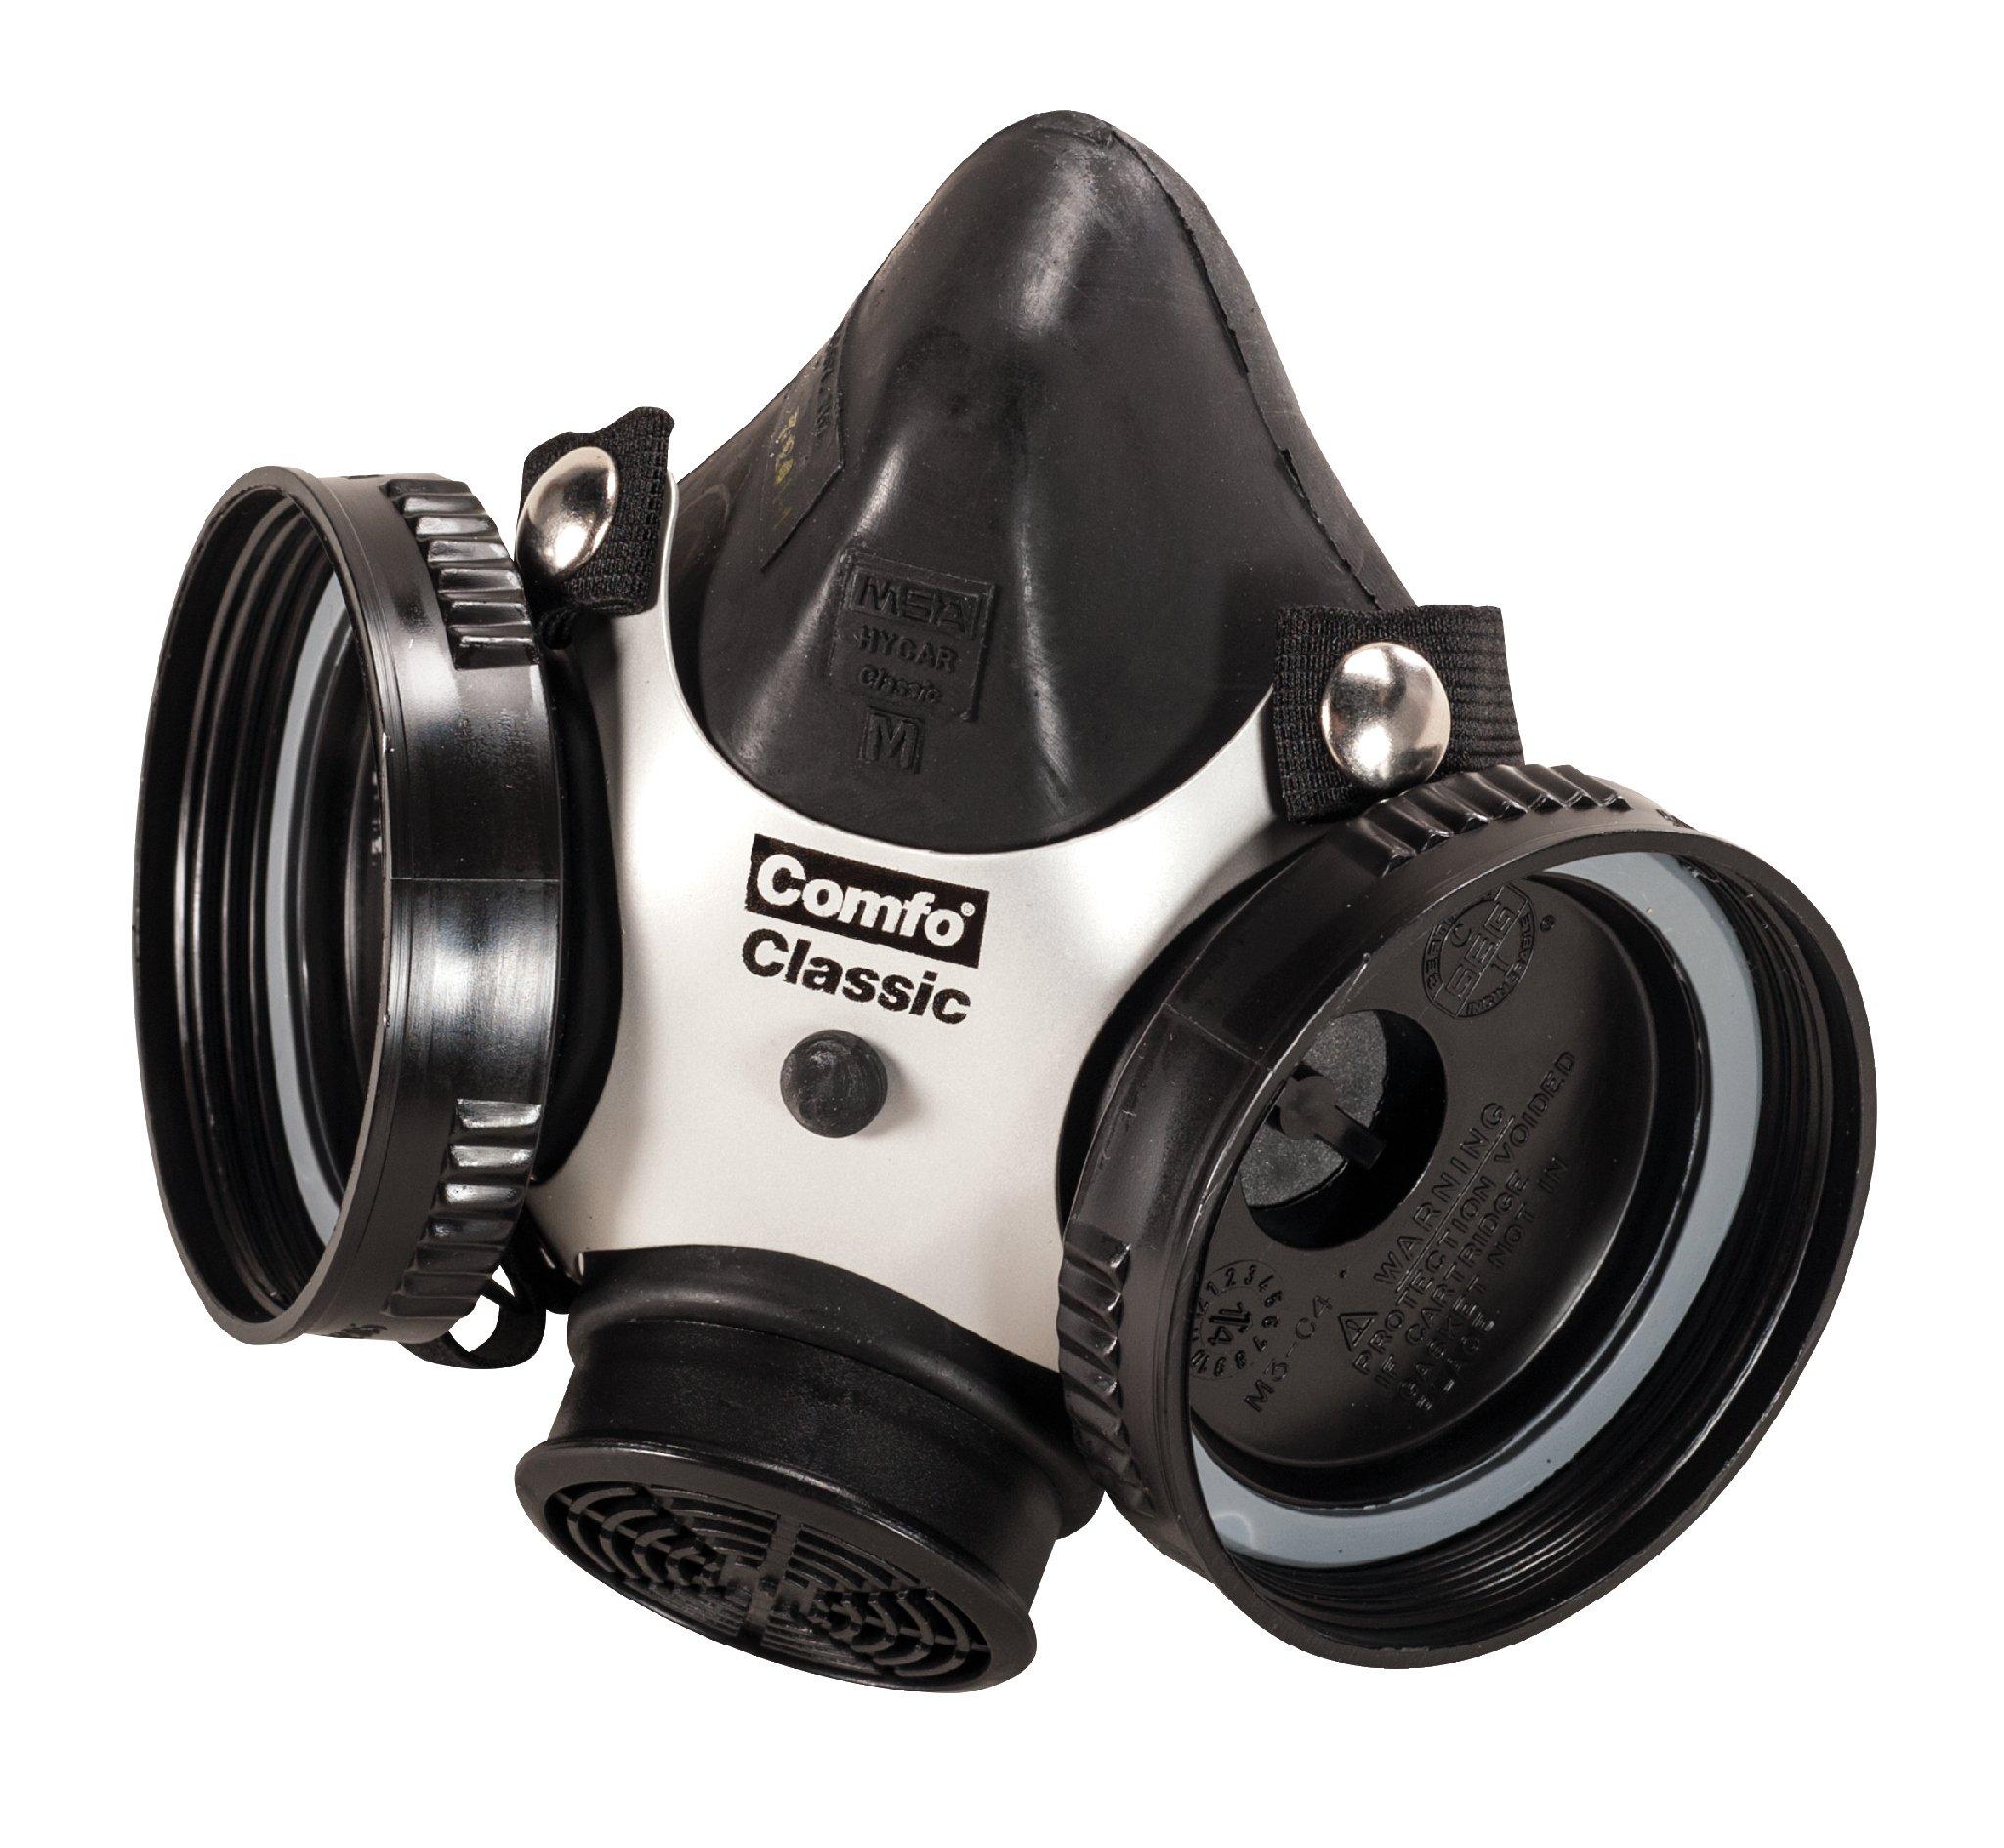 MSA 808071 Comfo Classic Soft Feel Silicone Half-Mask Facepiece Respirator, Medium, Black